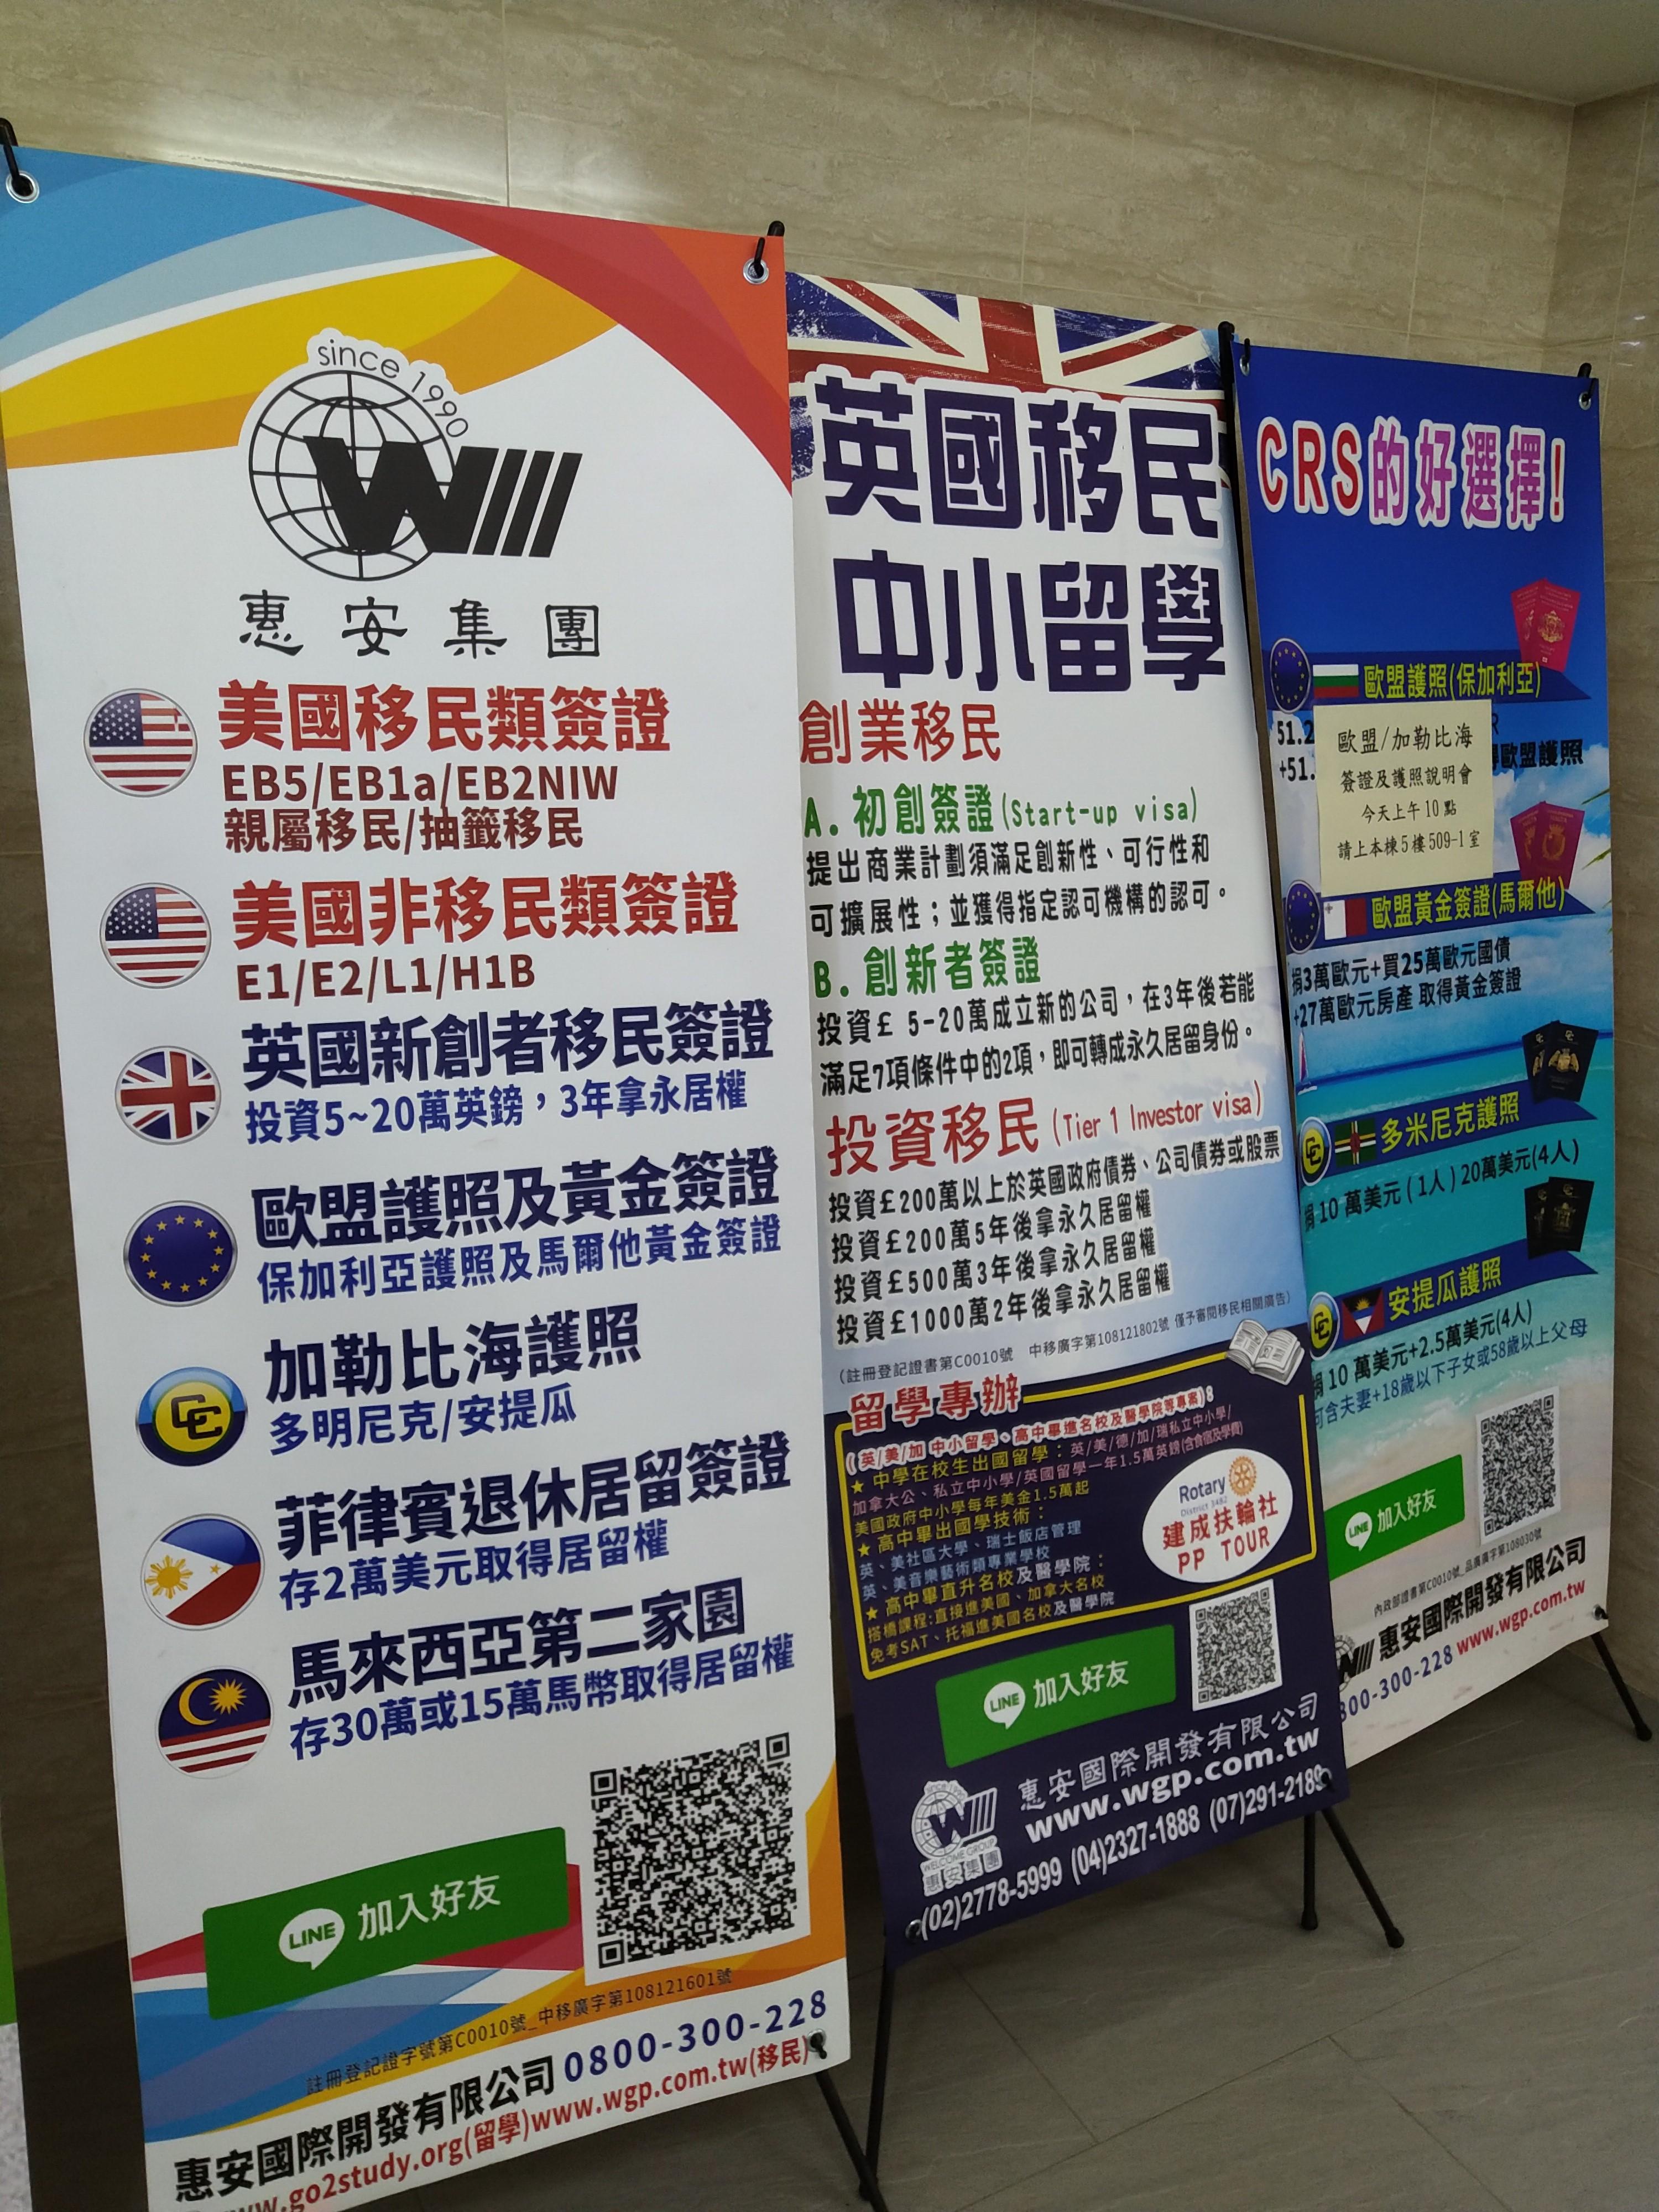 惠安移民服務:各國移民資訊